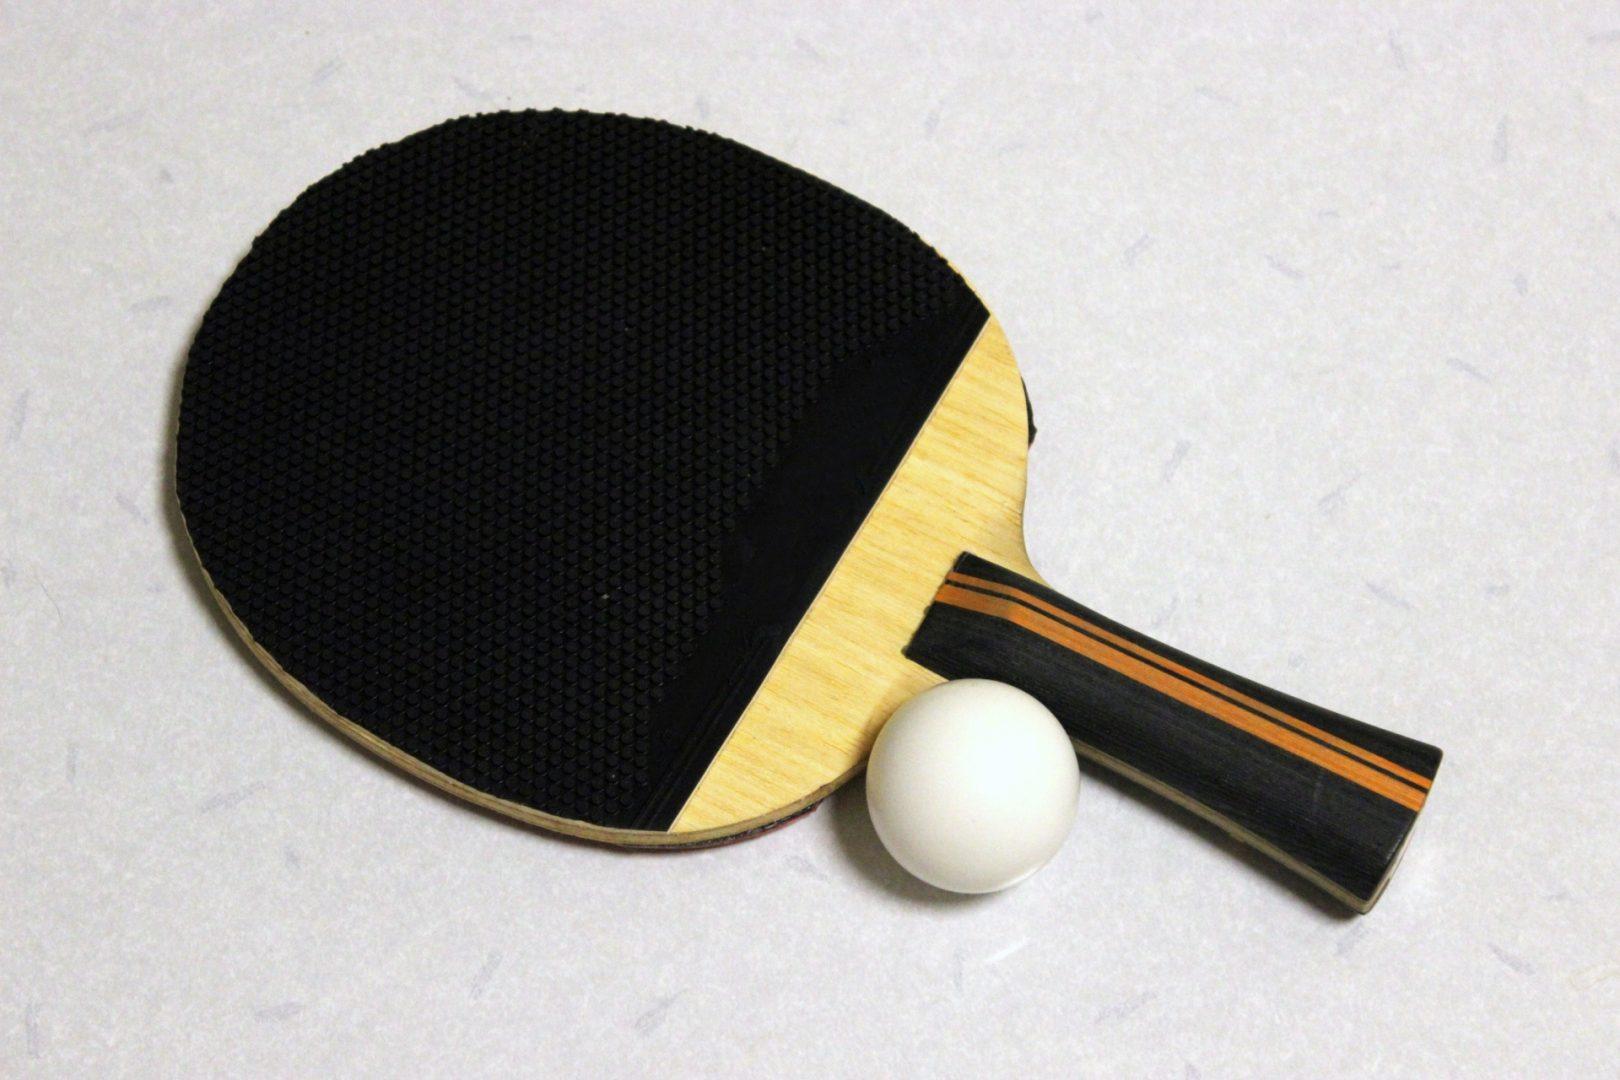 卓球・表ソフトラバーおすすめ9選 メーカー別一覧